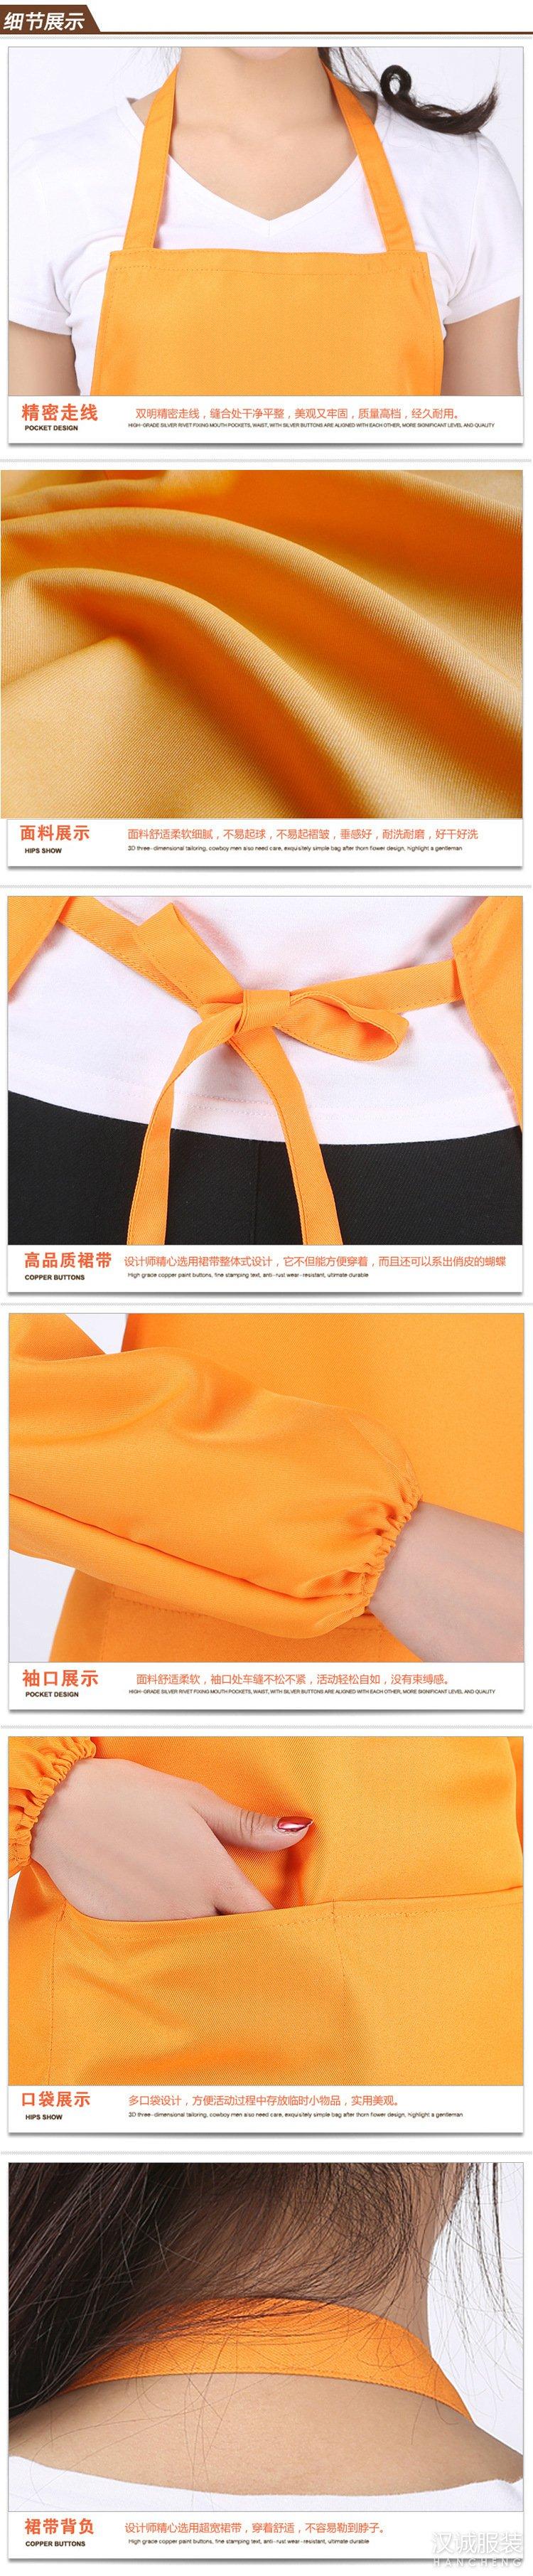 经典制服呢促销围裙系列-细节图